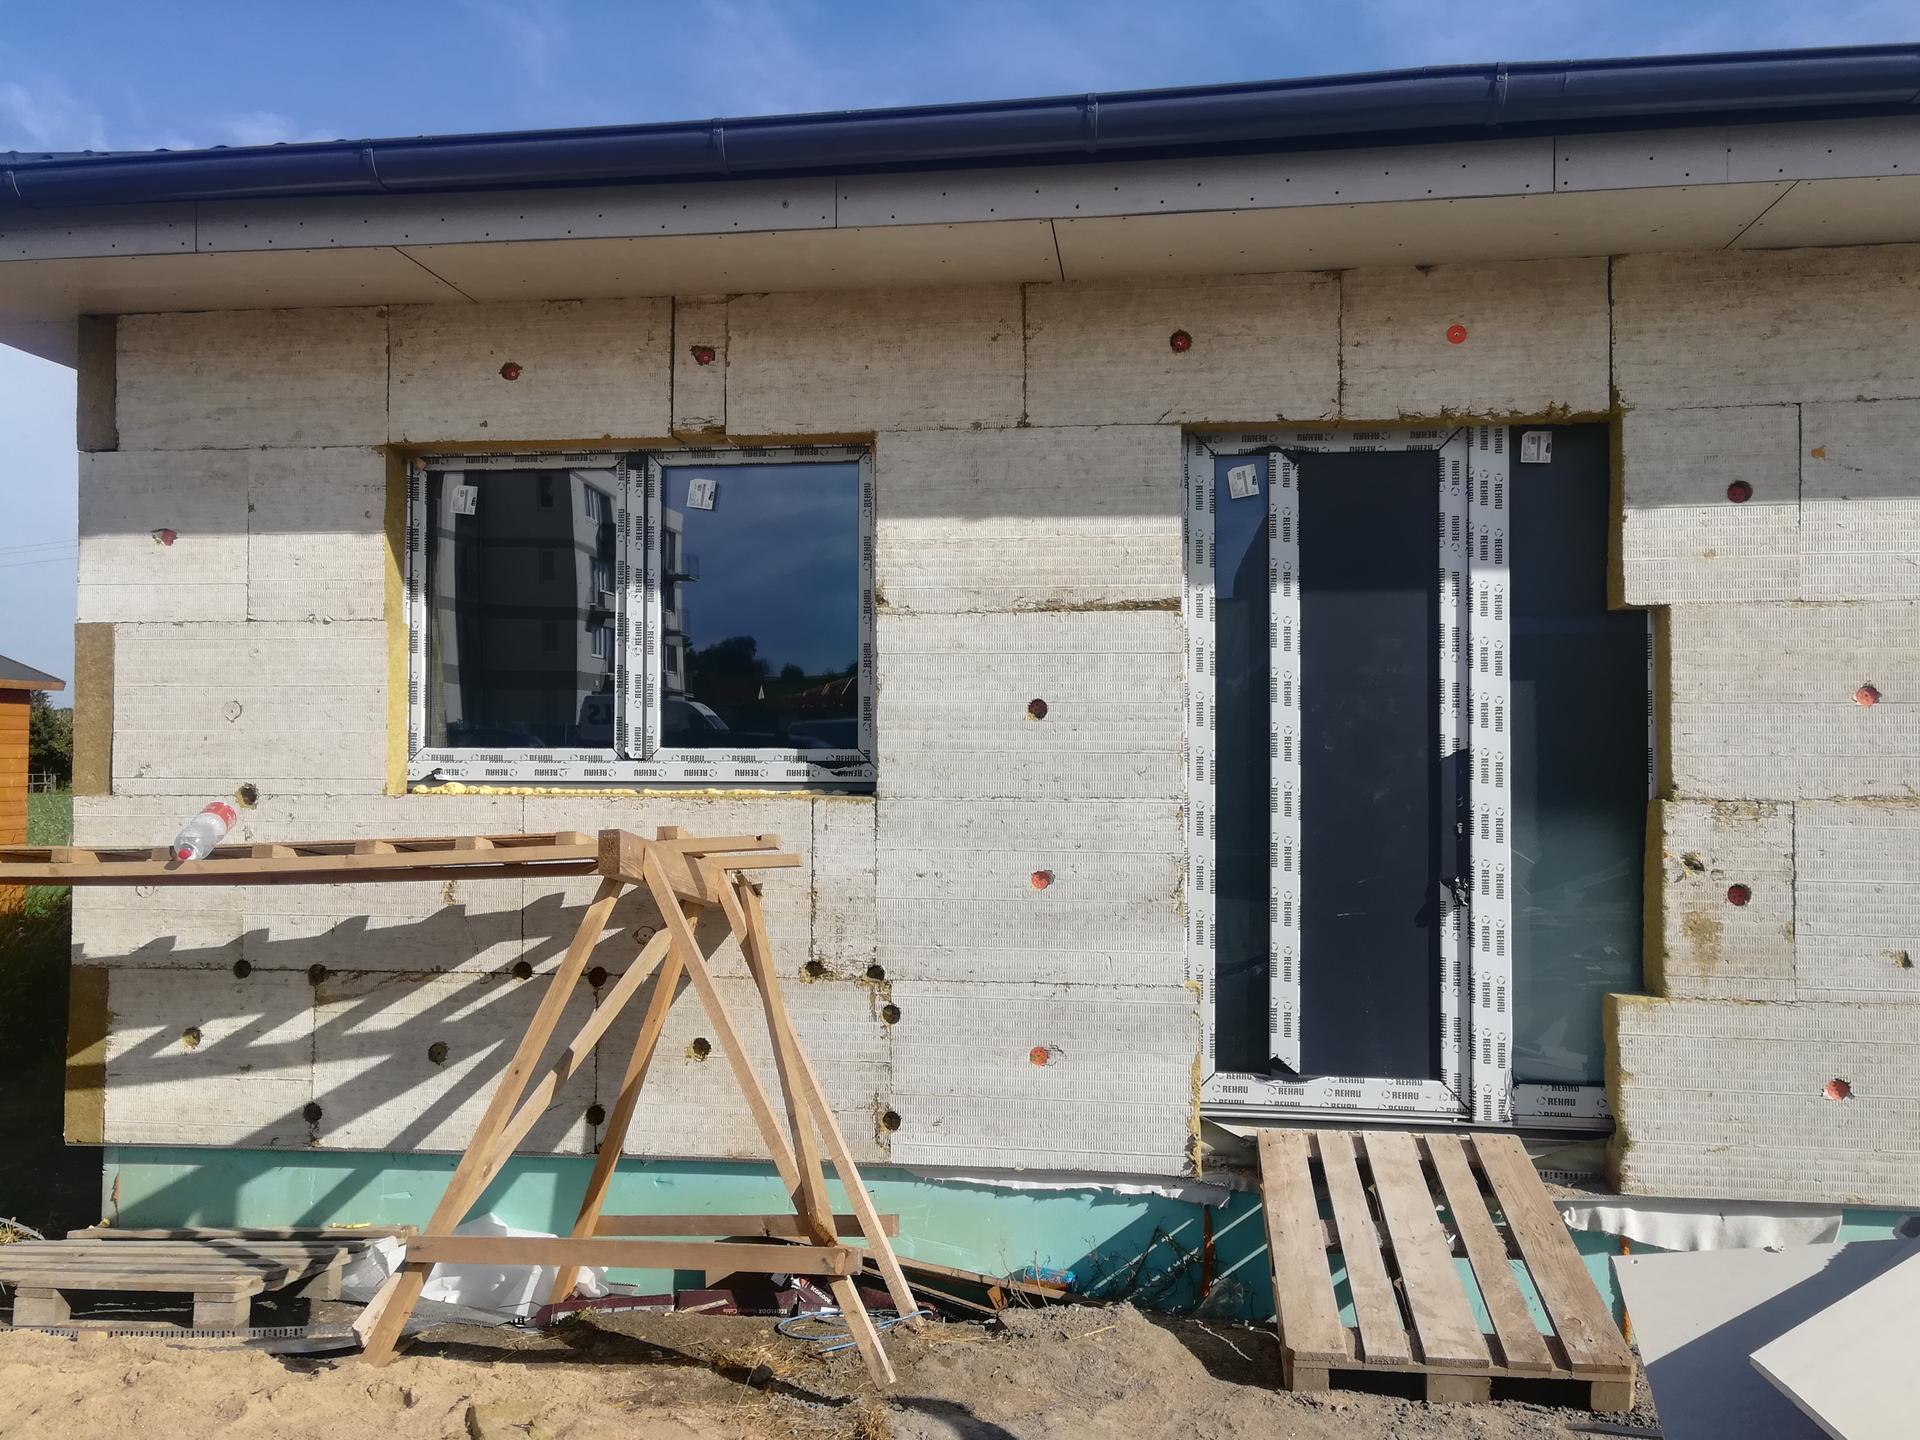 Pomalu začínáme stavět - 3.10.2020 ...čtyři dny už máme konečně okna a dveře, od objednání k montáži to trvalo skoro 4 měsíce...😒🤔